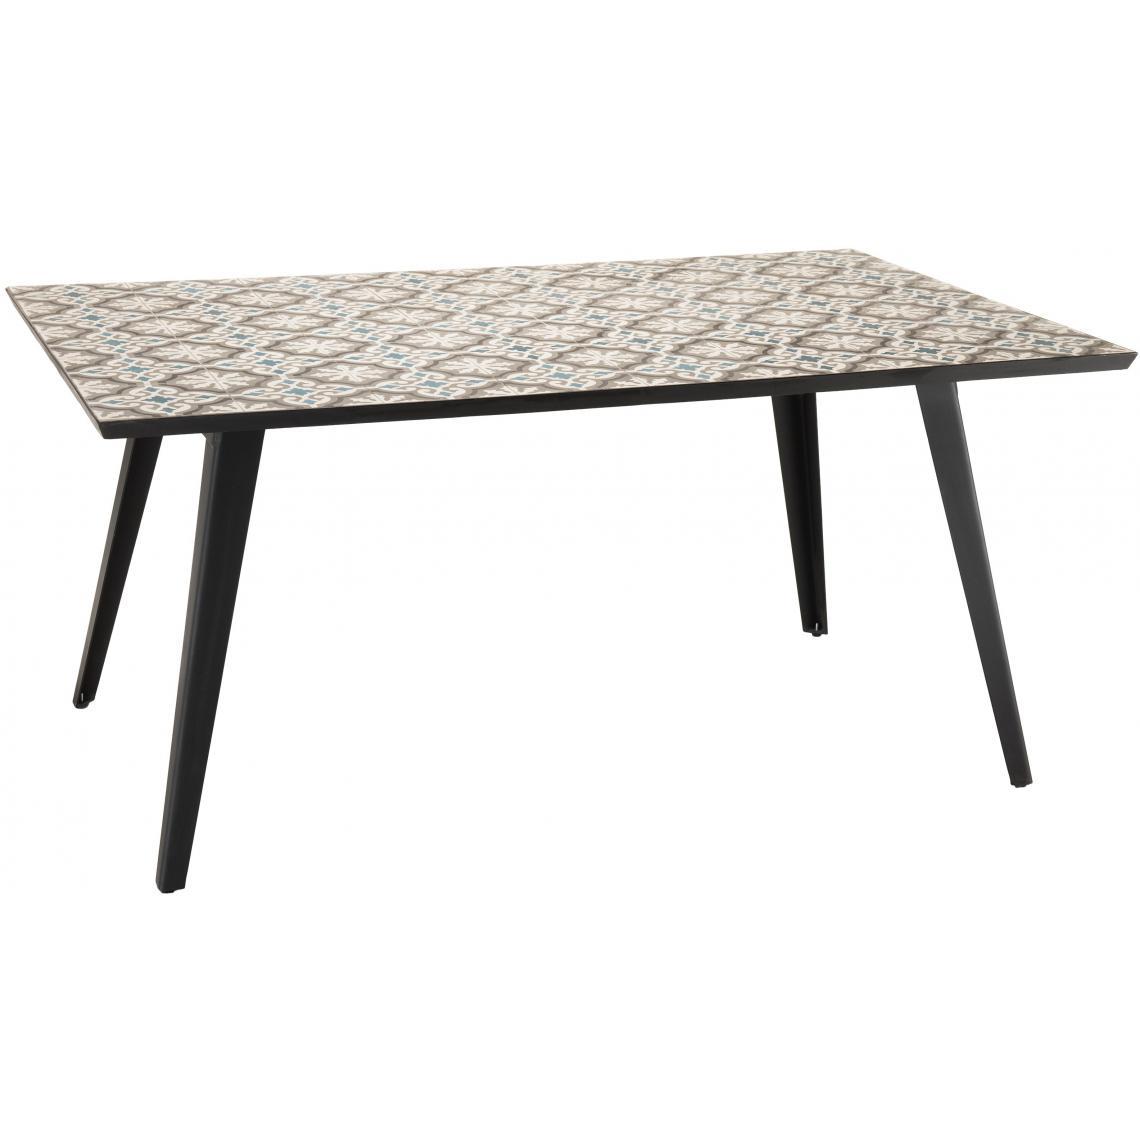 Salon De Jardin Carreau De Ciment table rectangulaire plateau carreaux de ciment 162x102cm - pieds métal plus  d'infos